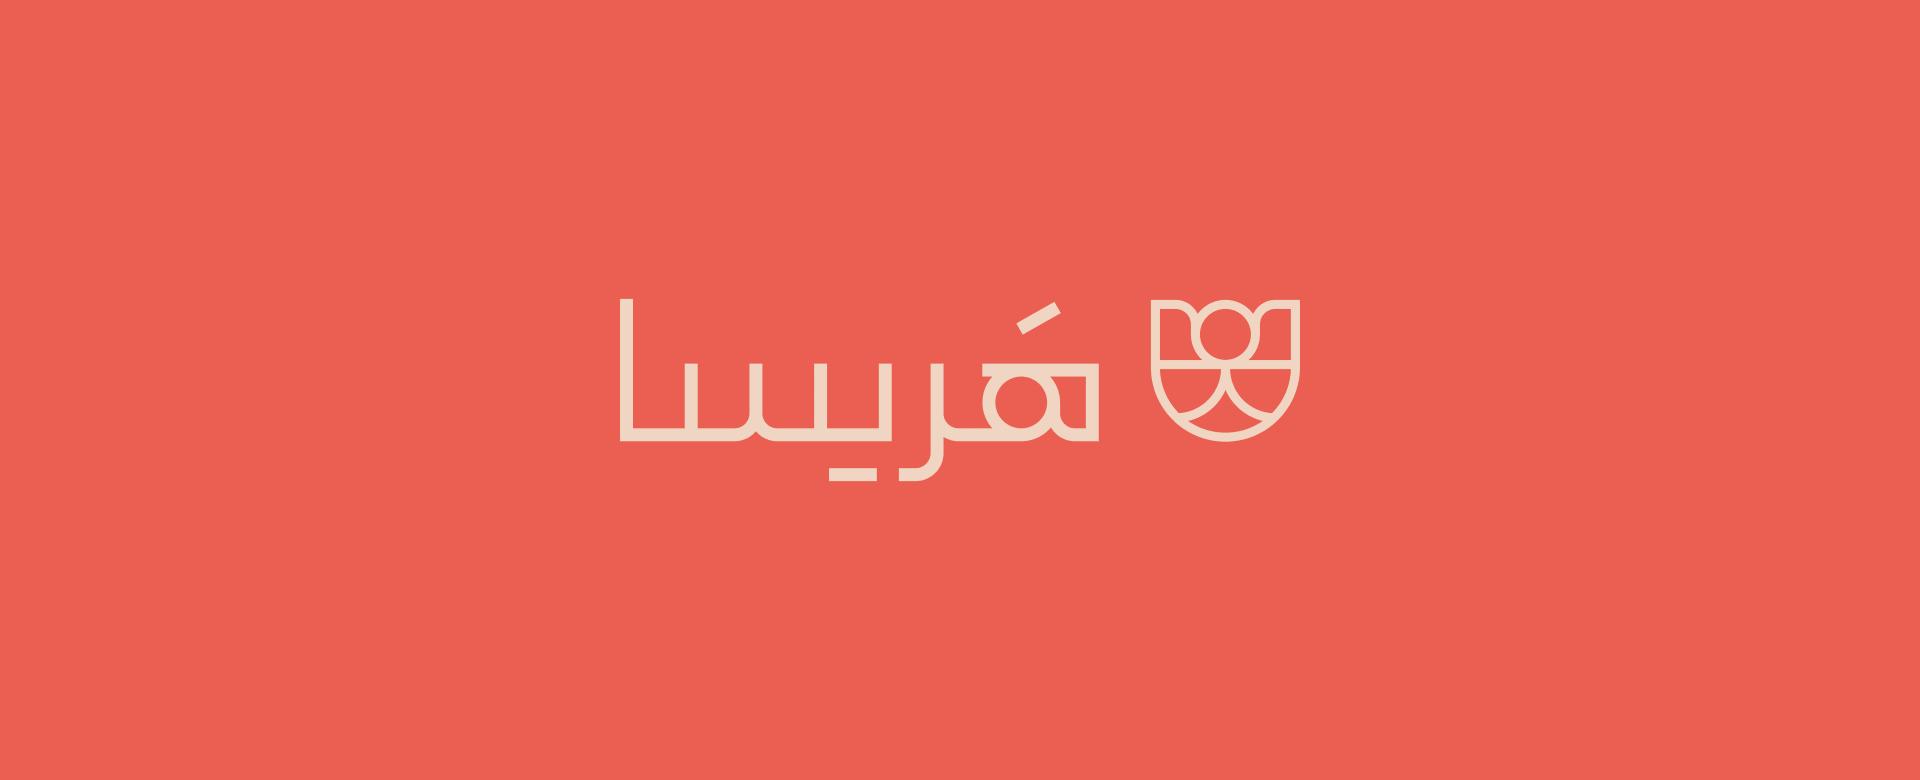 طراحی هویت بصری هریسا harissa visual identity design zen branding agency آژانس برندسازی ذن (3)-min